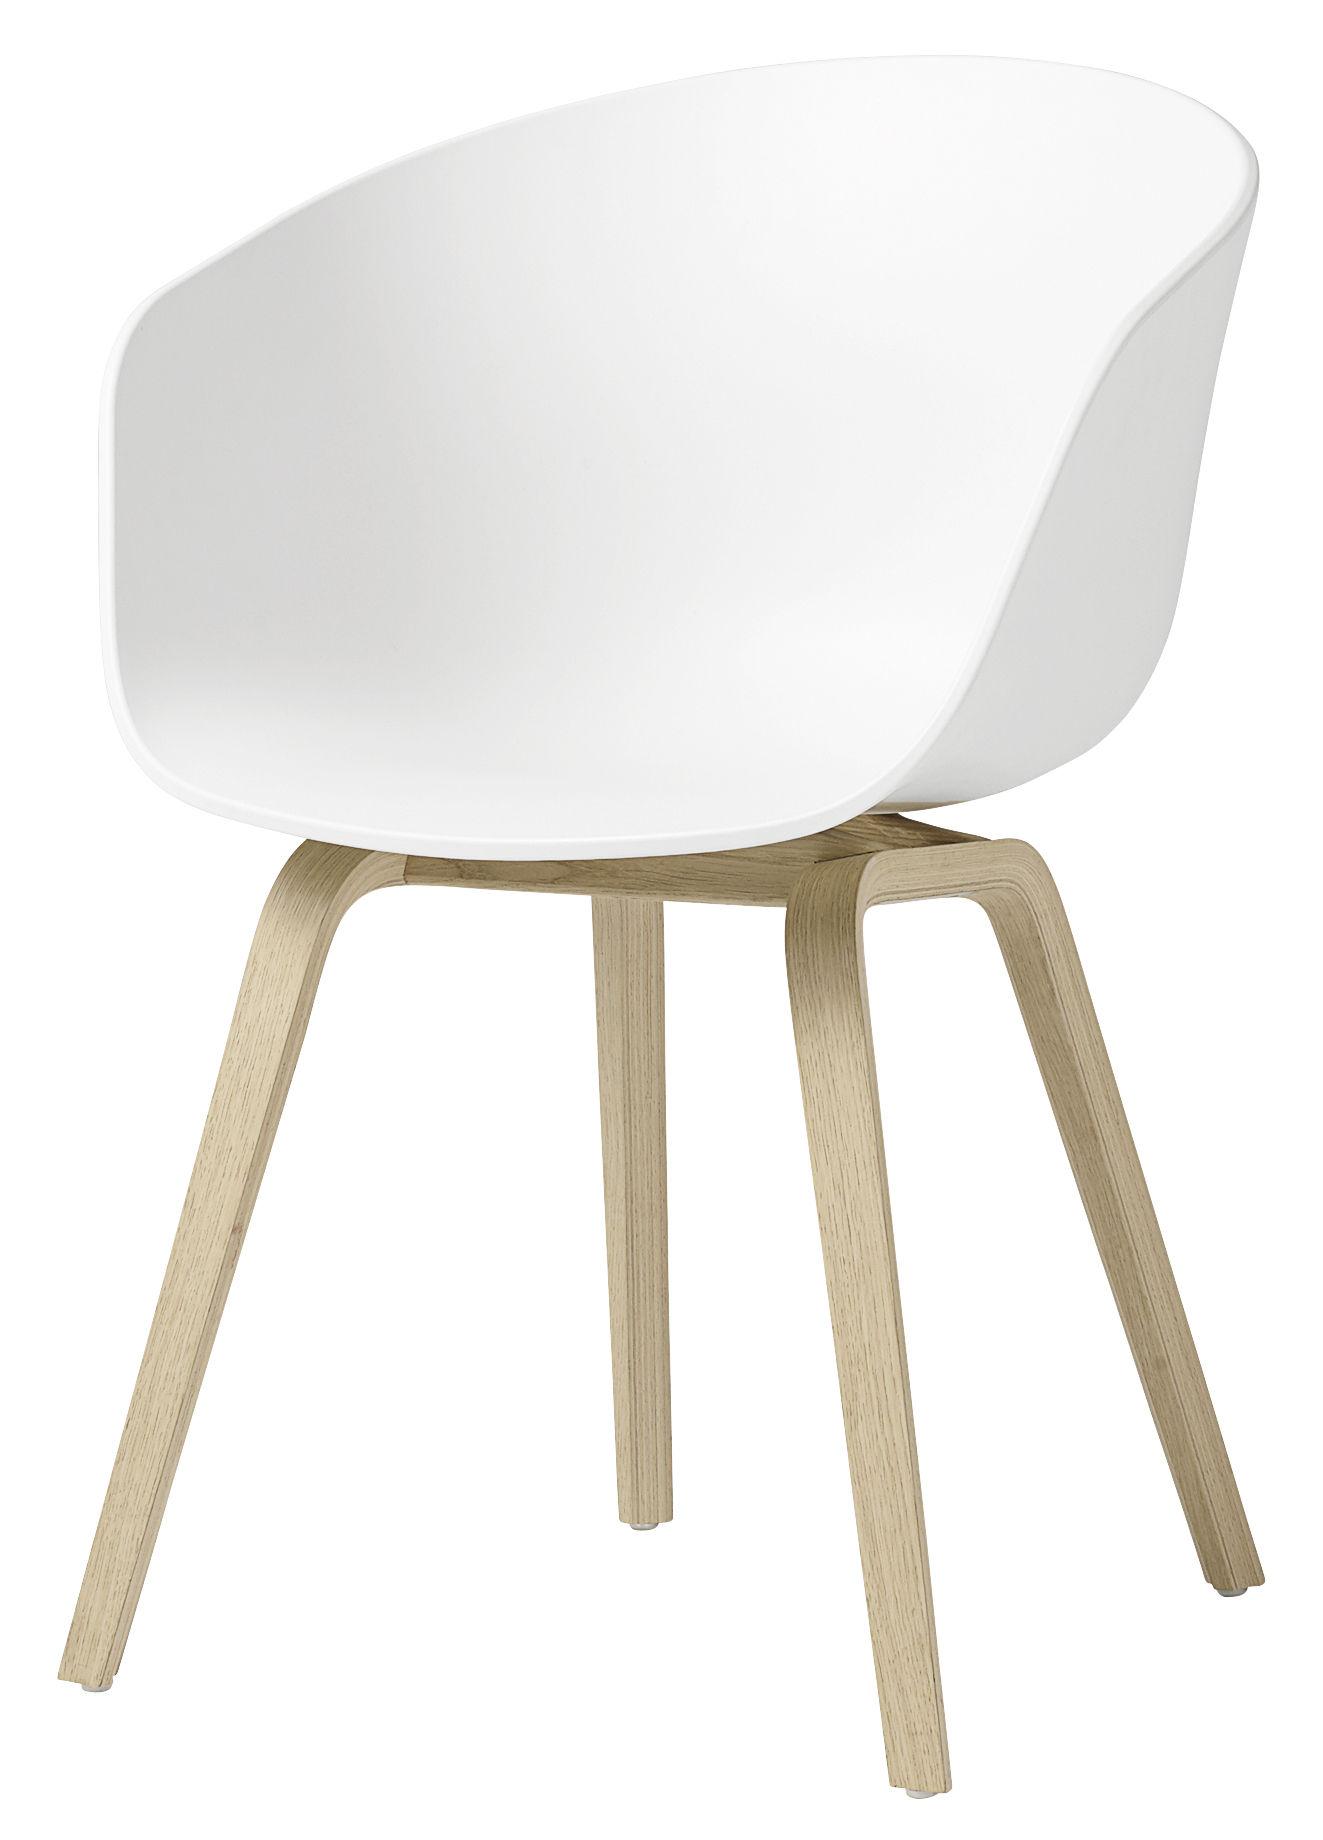 Möbel - Stühle  - About a chair AAC22 Sessel / Kunststoff & matt lackierte Eiche - Hay - Weiß / Eiche matt lackiert -  Contreplaqué de chêne verni mat, Polypropylen